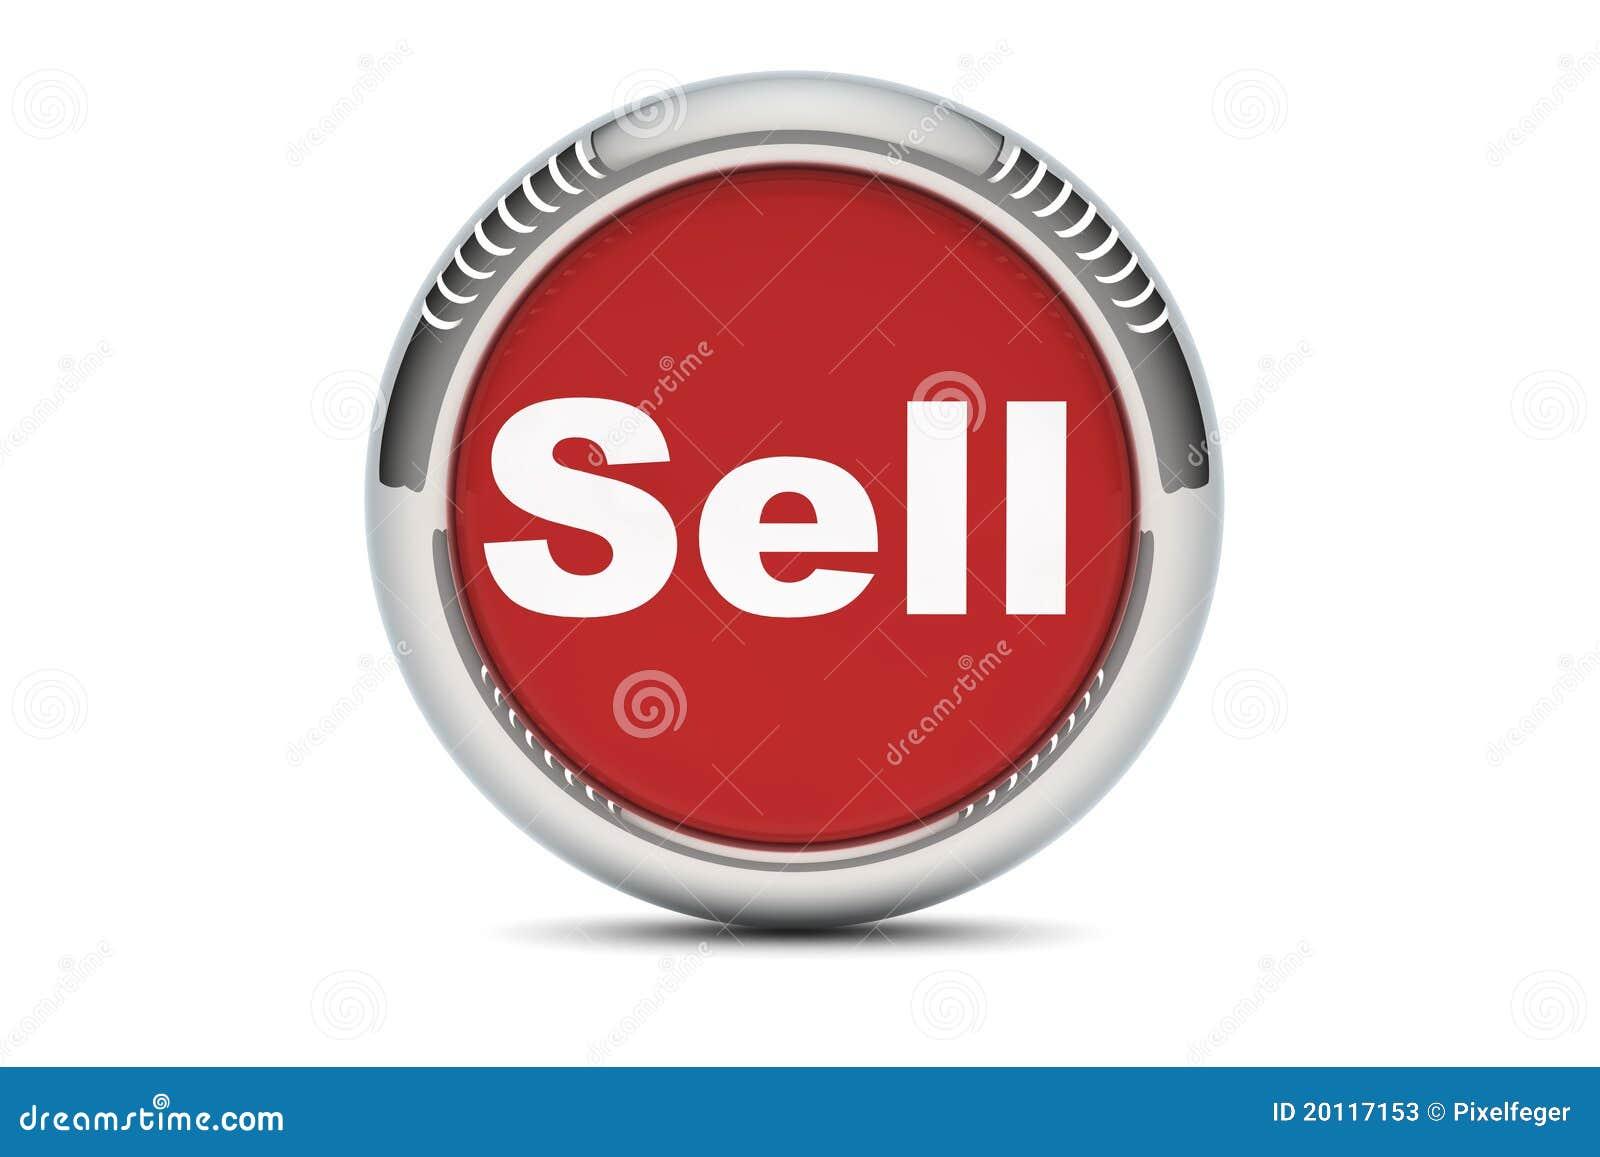 Stock photos sell button